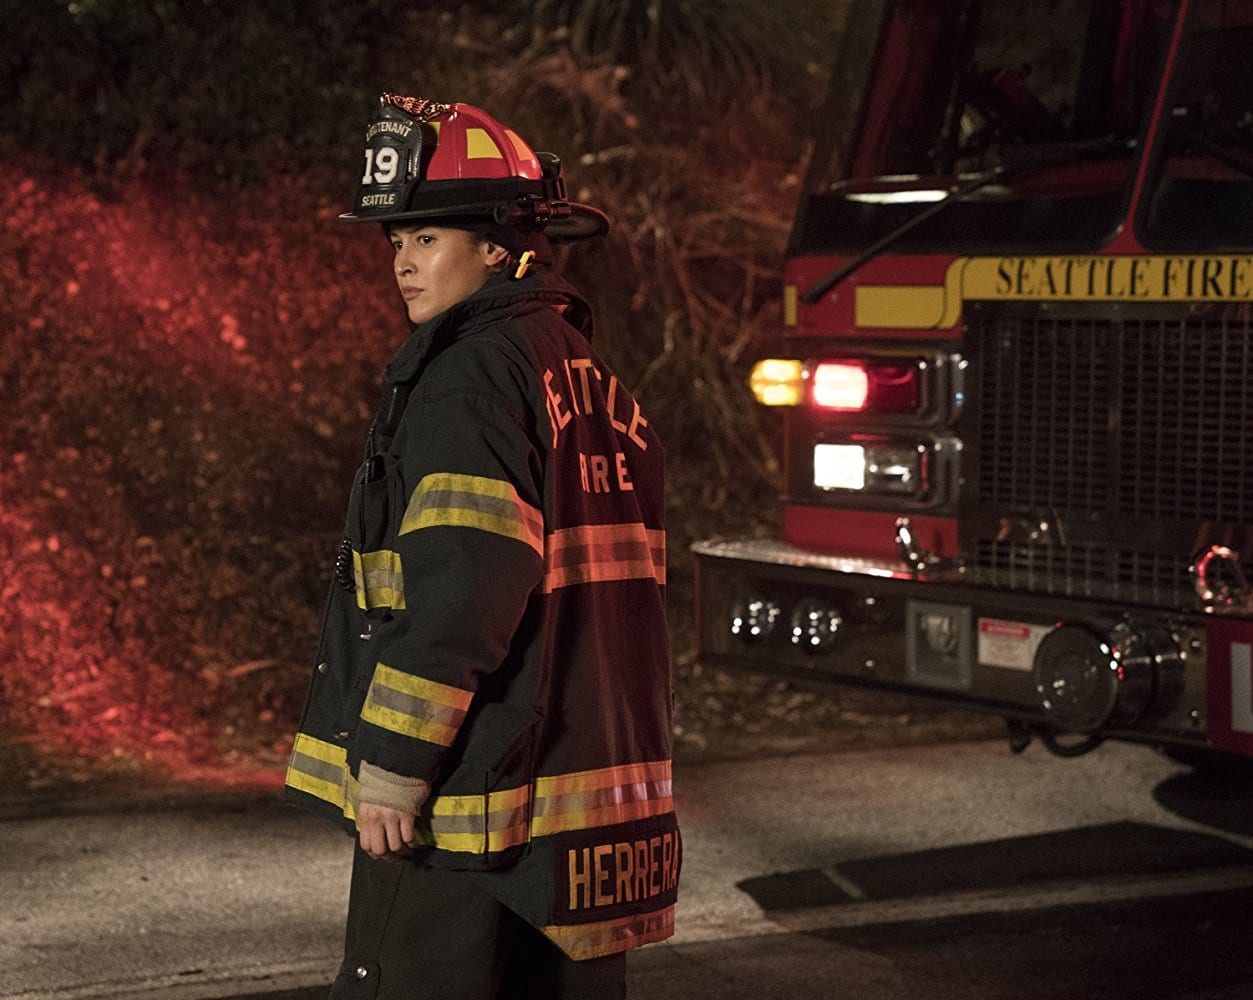 Station 19 Seattle Firefighter Die jungen Helden